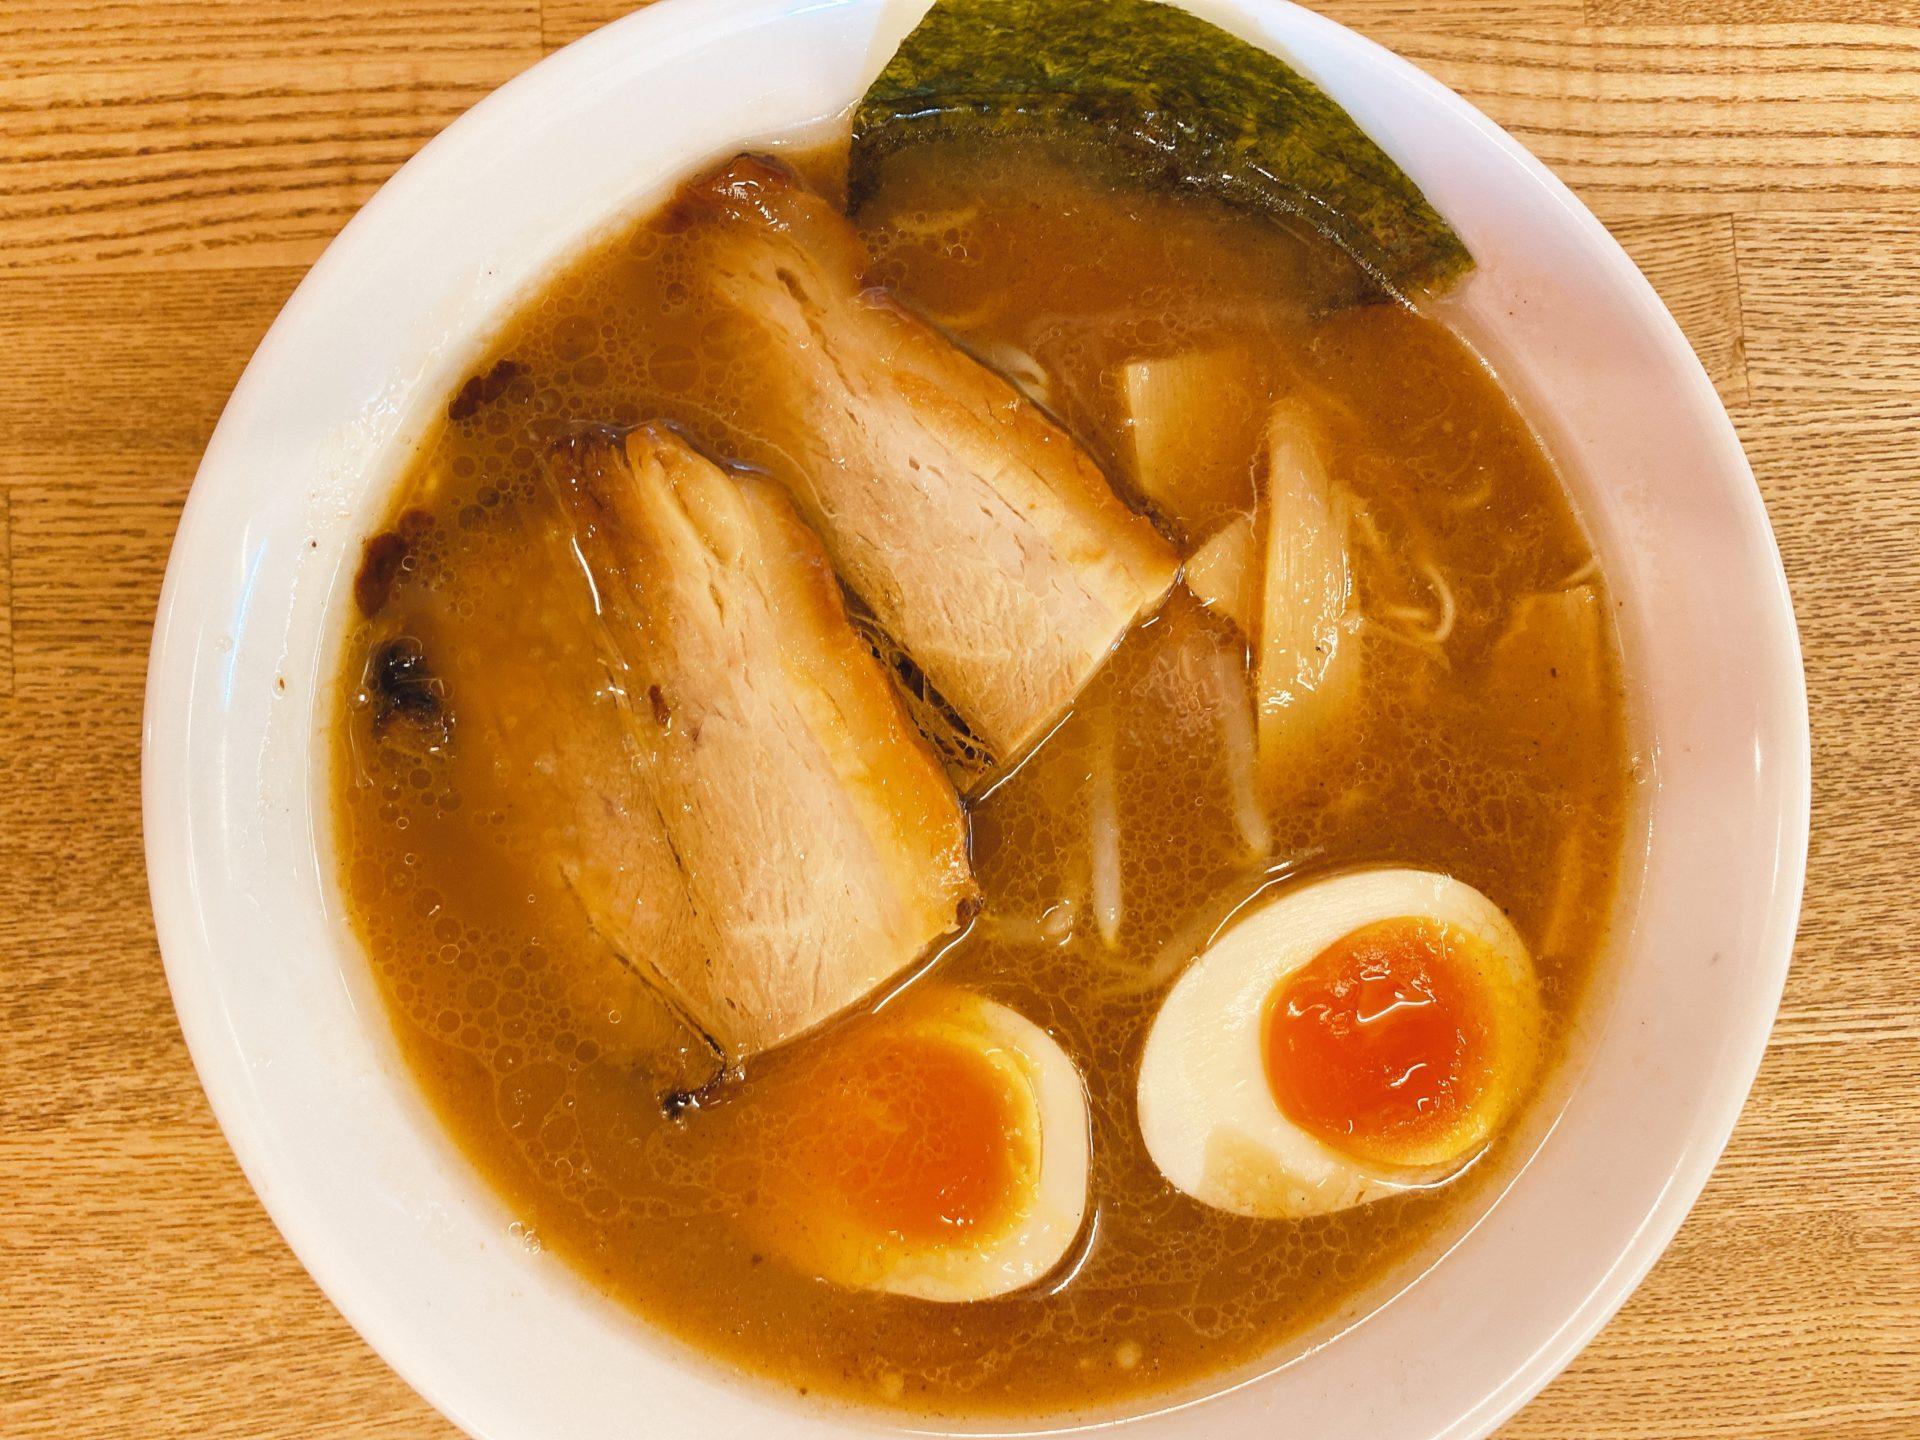 倉敷駅から車で10分 【森本拉麺堂】の鰹&豚骨のダブルスープの旨さにハマり、替玉とご飯の無料サービスに驚く!